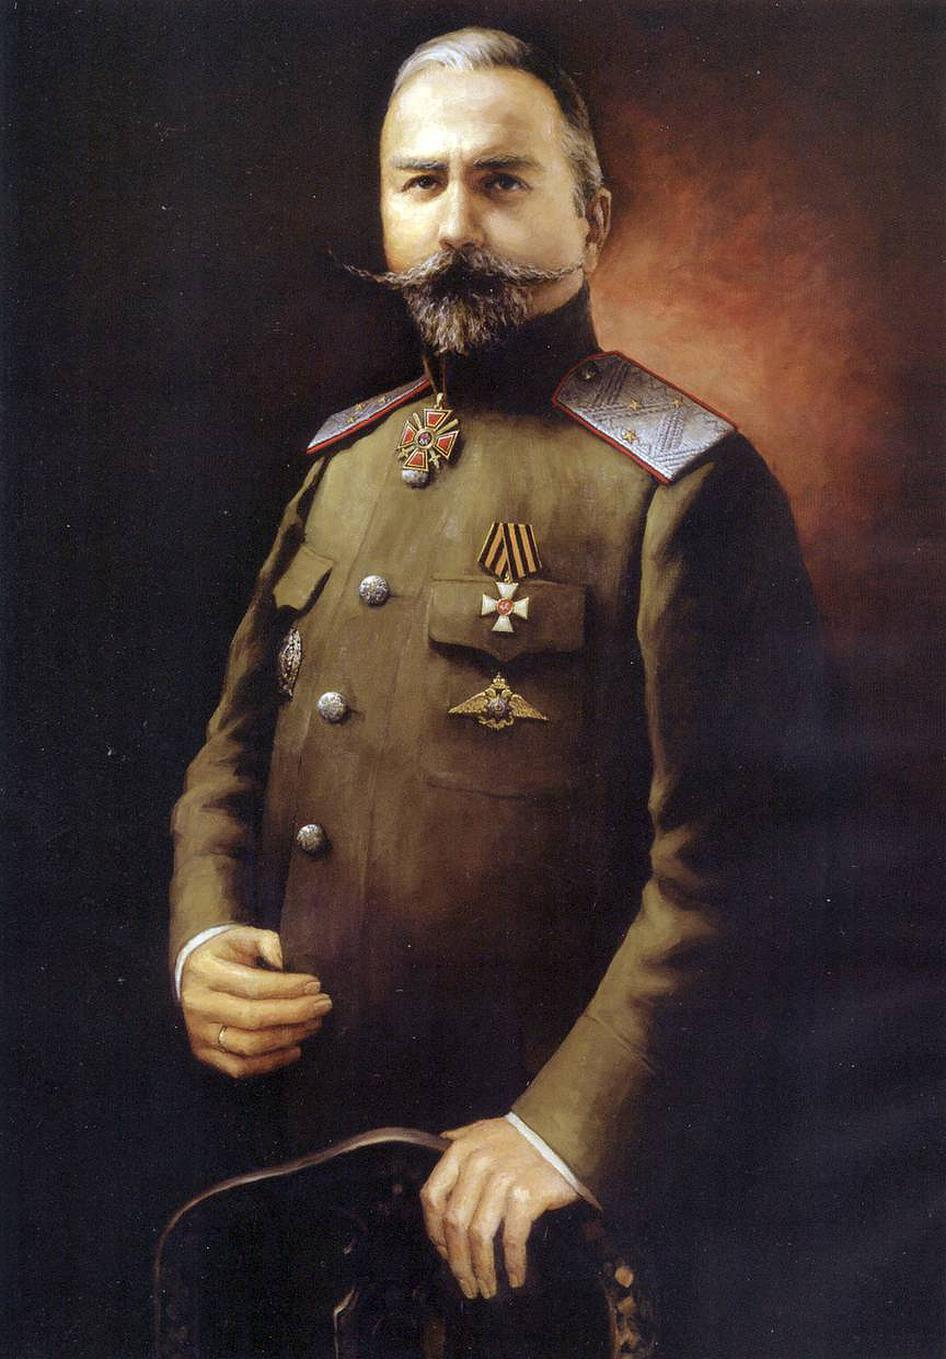 Генерал Е.К. Миллер